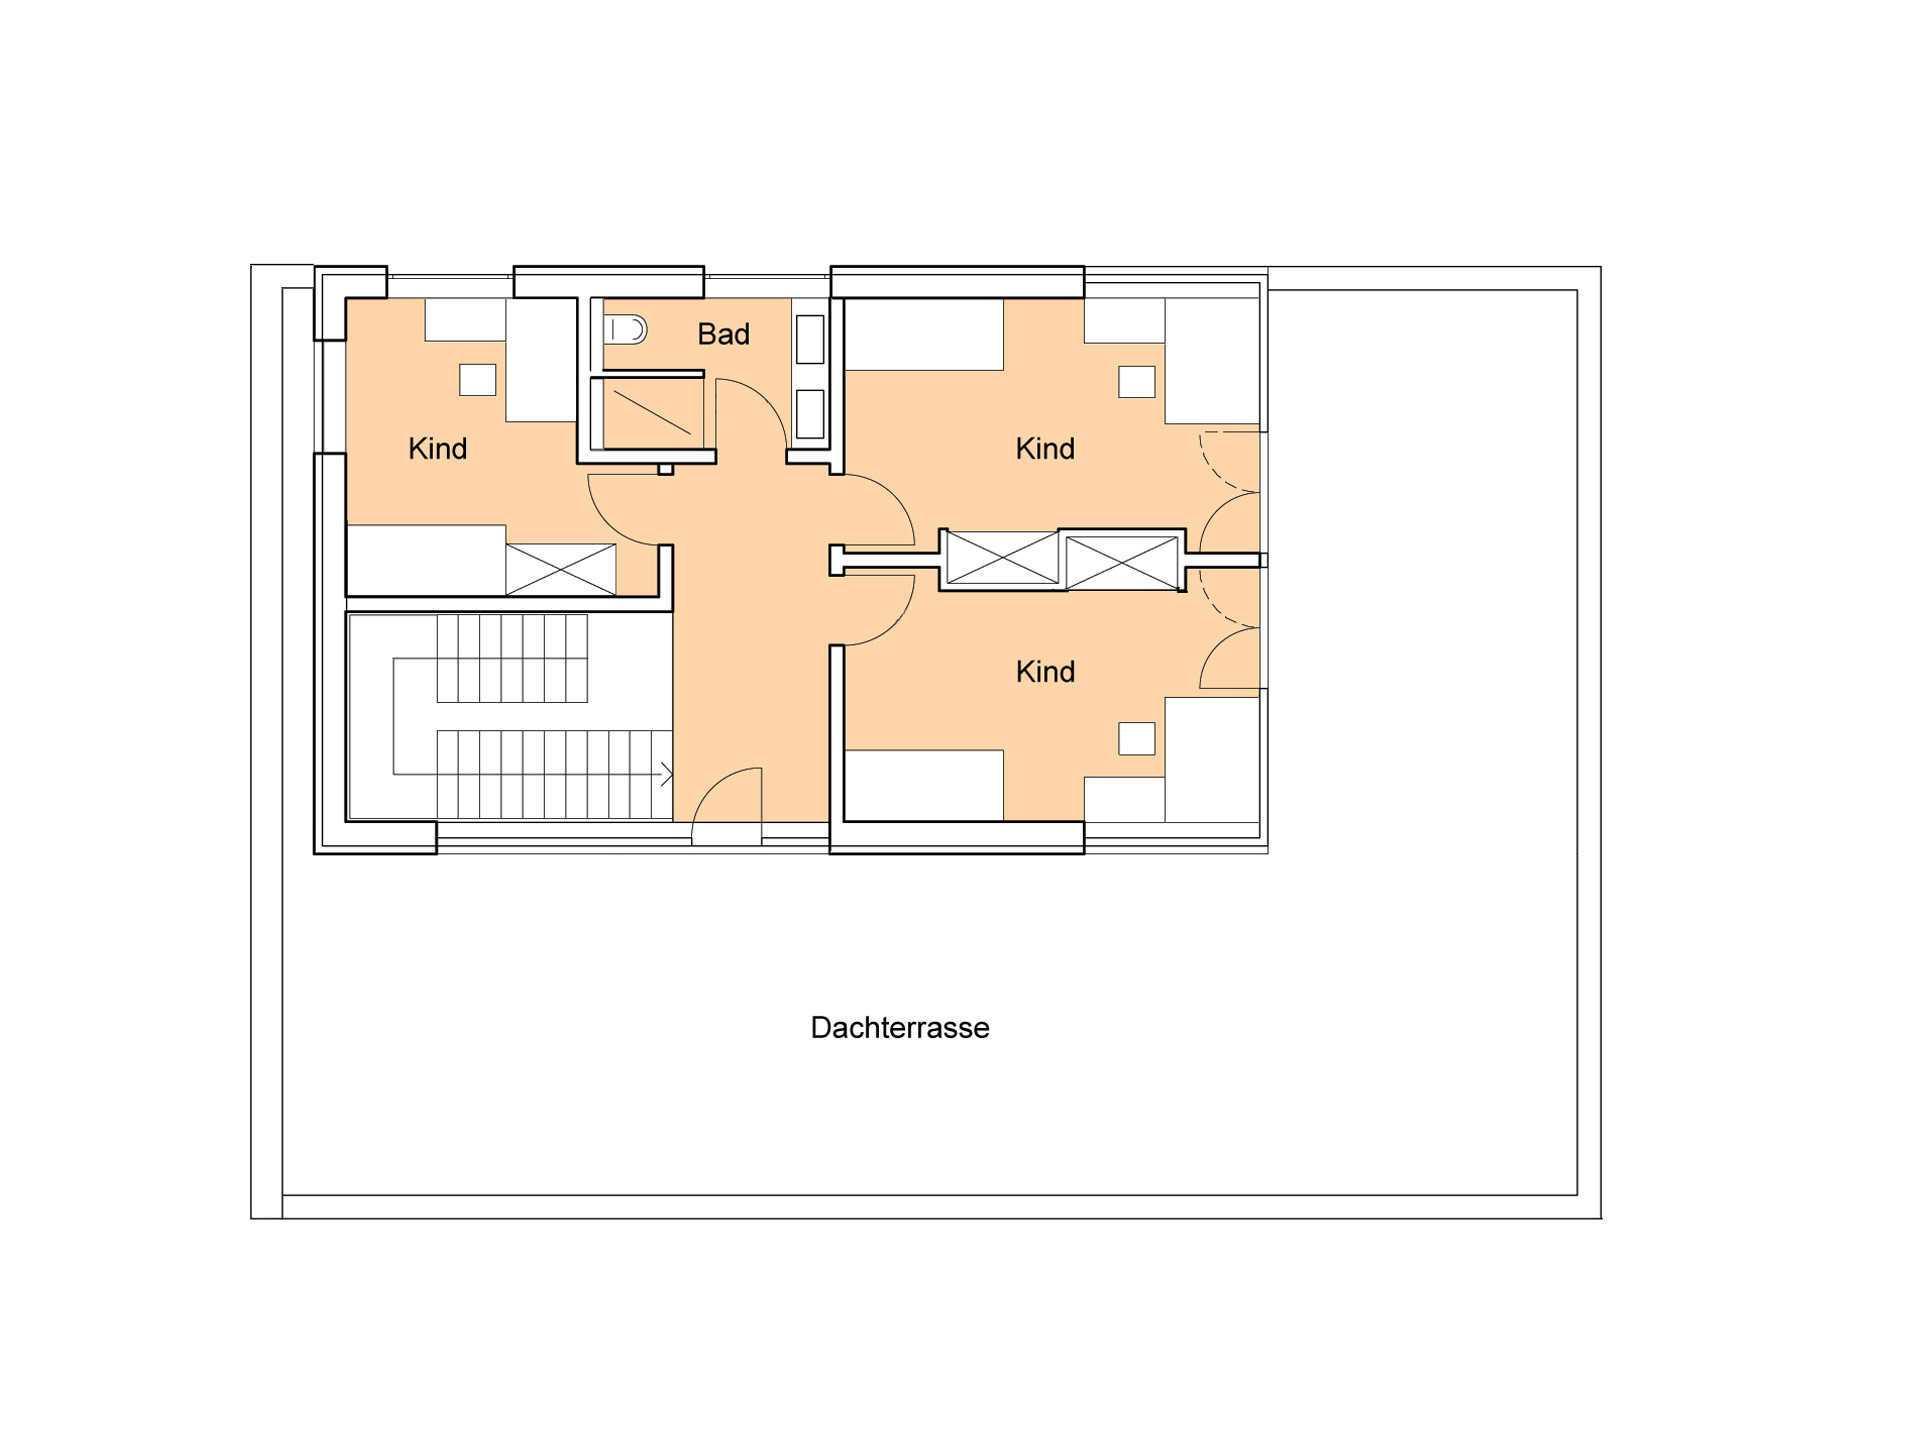 Haus Weitblick - Eine Nahaufnahme von einem Logo - Gebäudeplan